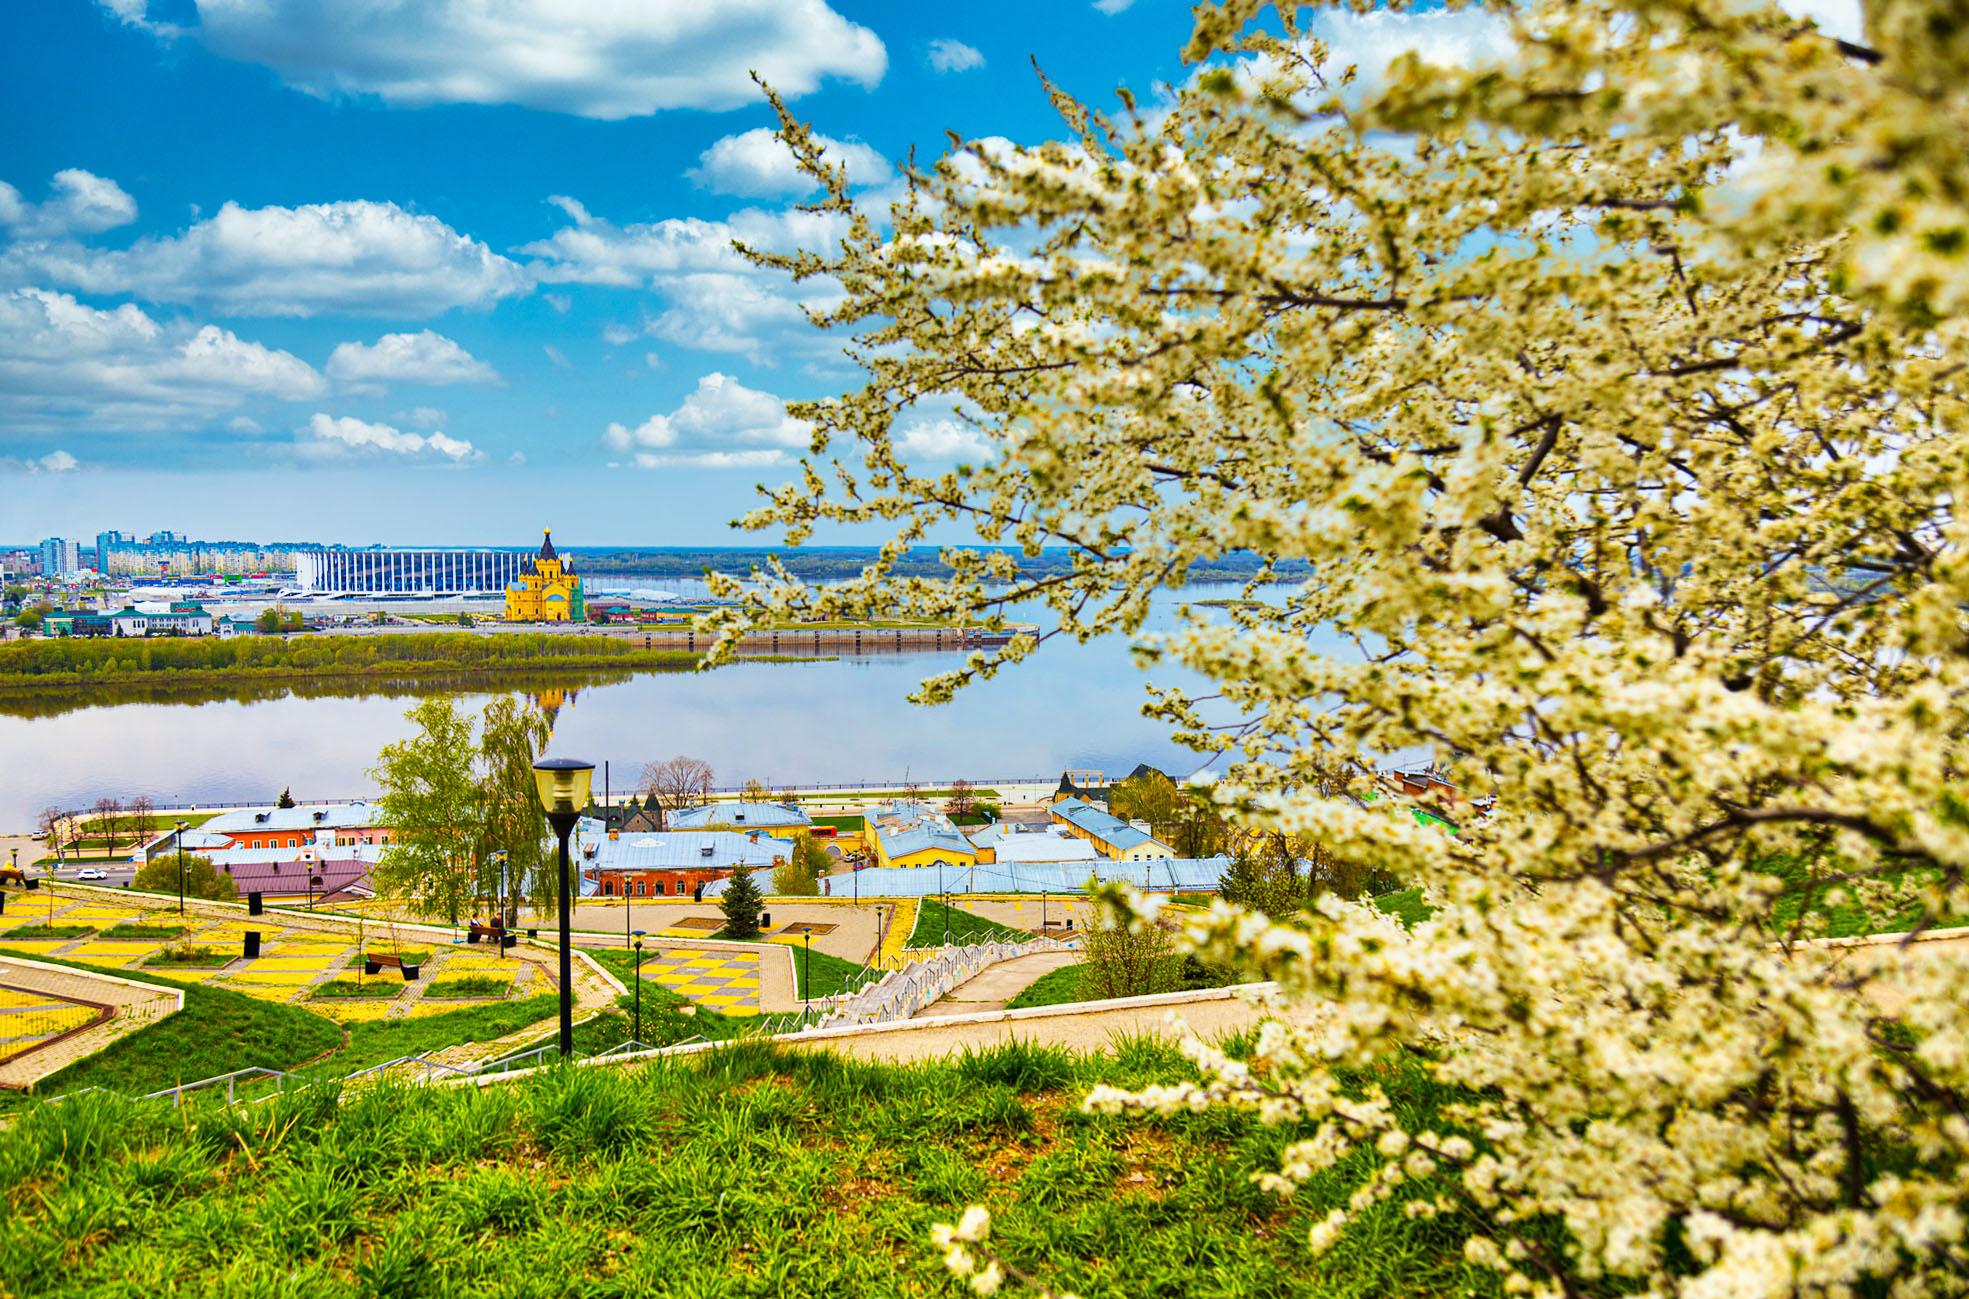 Нижний Новгород вошел в число самых популярных железнодорожных направлений по России на майские праздники